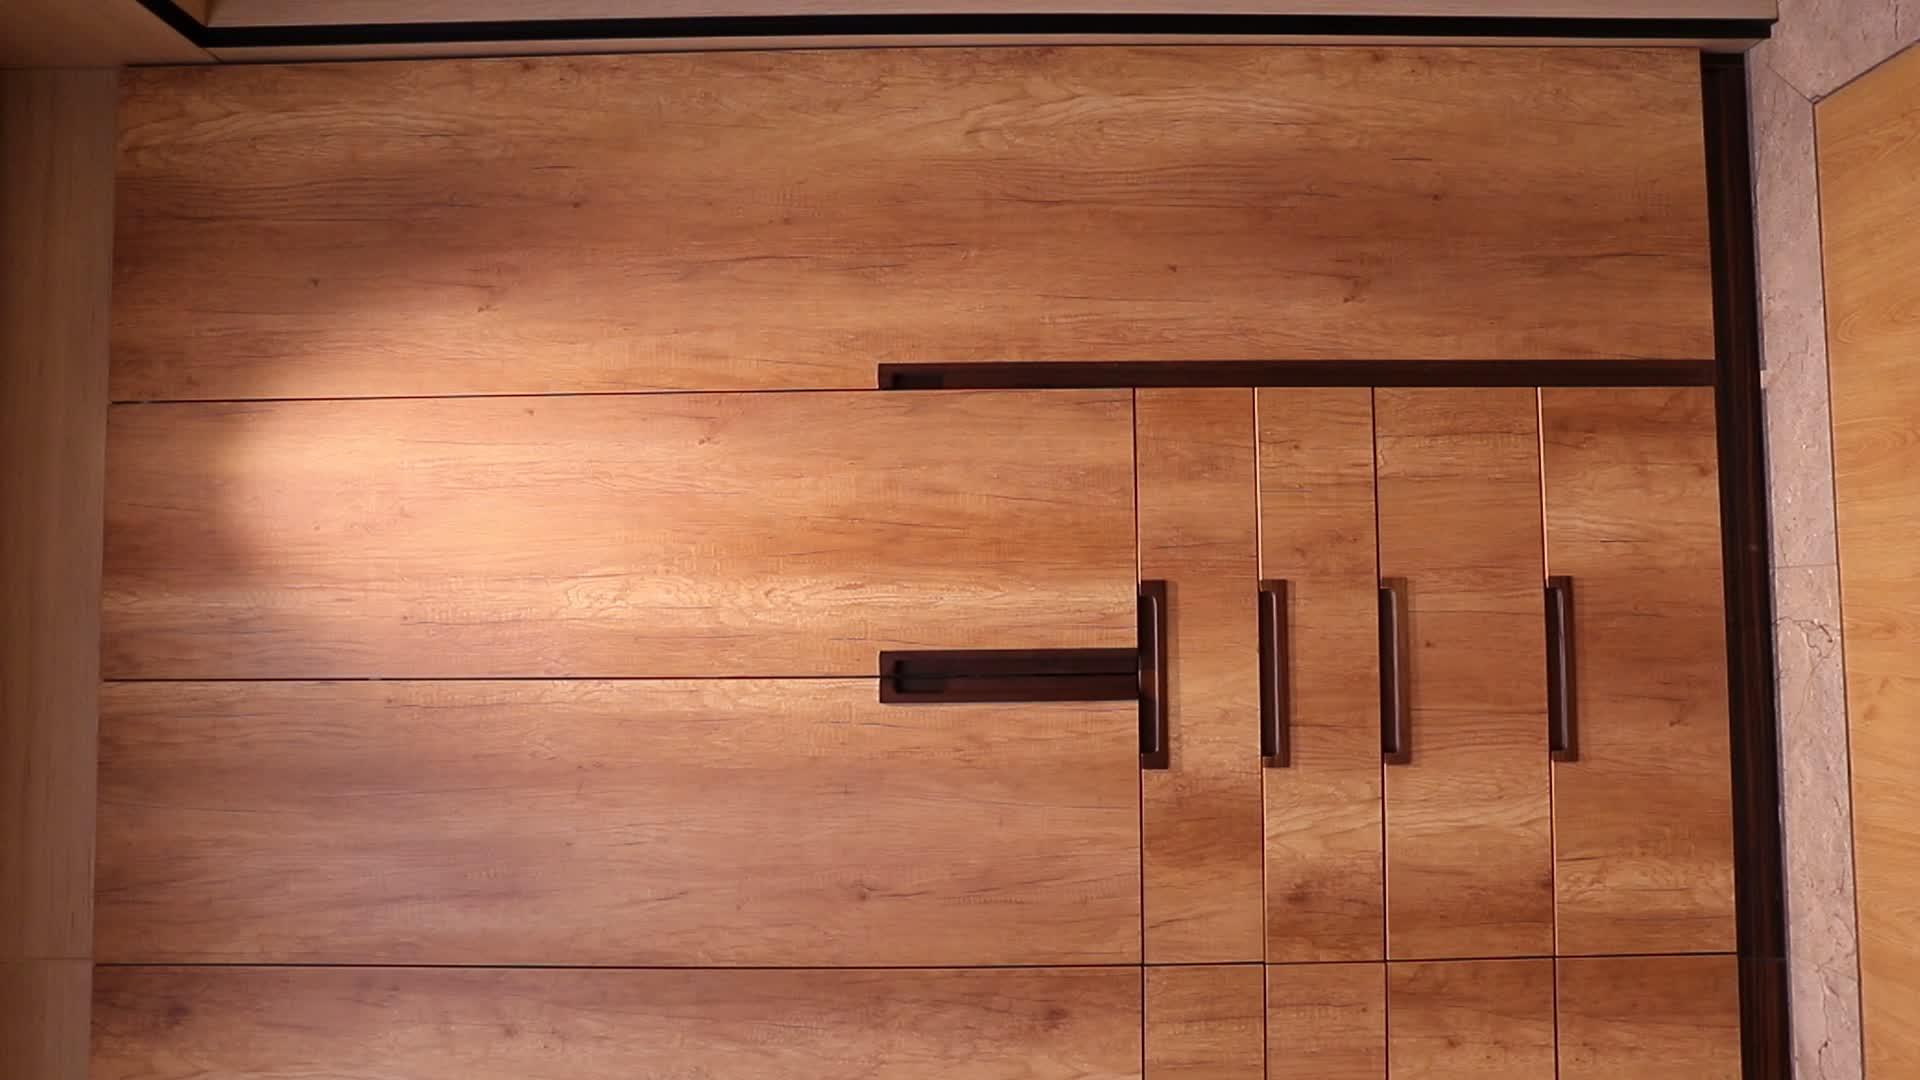 NICOCABINET Aangepaste Slaapkamer Kast Massief Houten Kast Kasten Houten Meubels